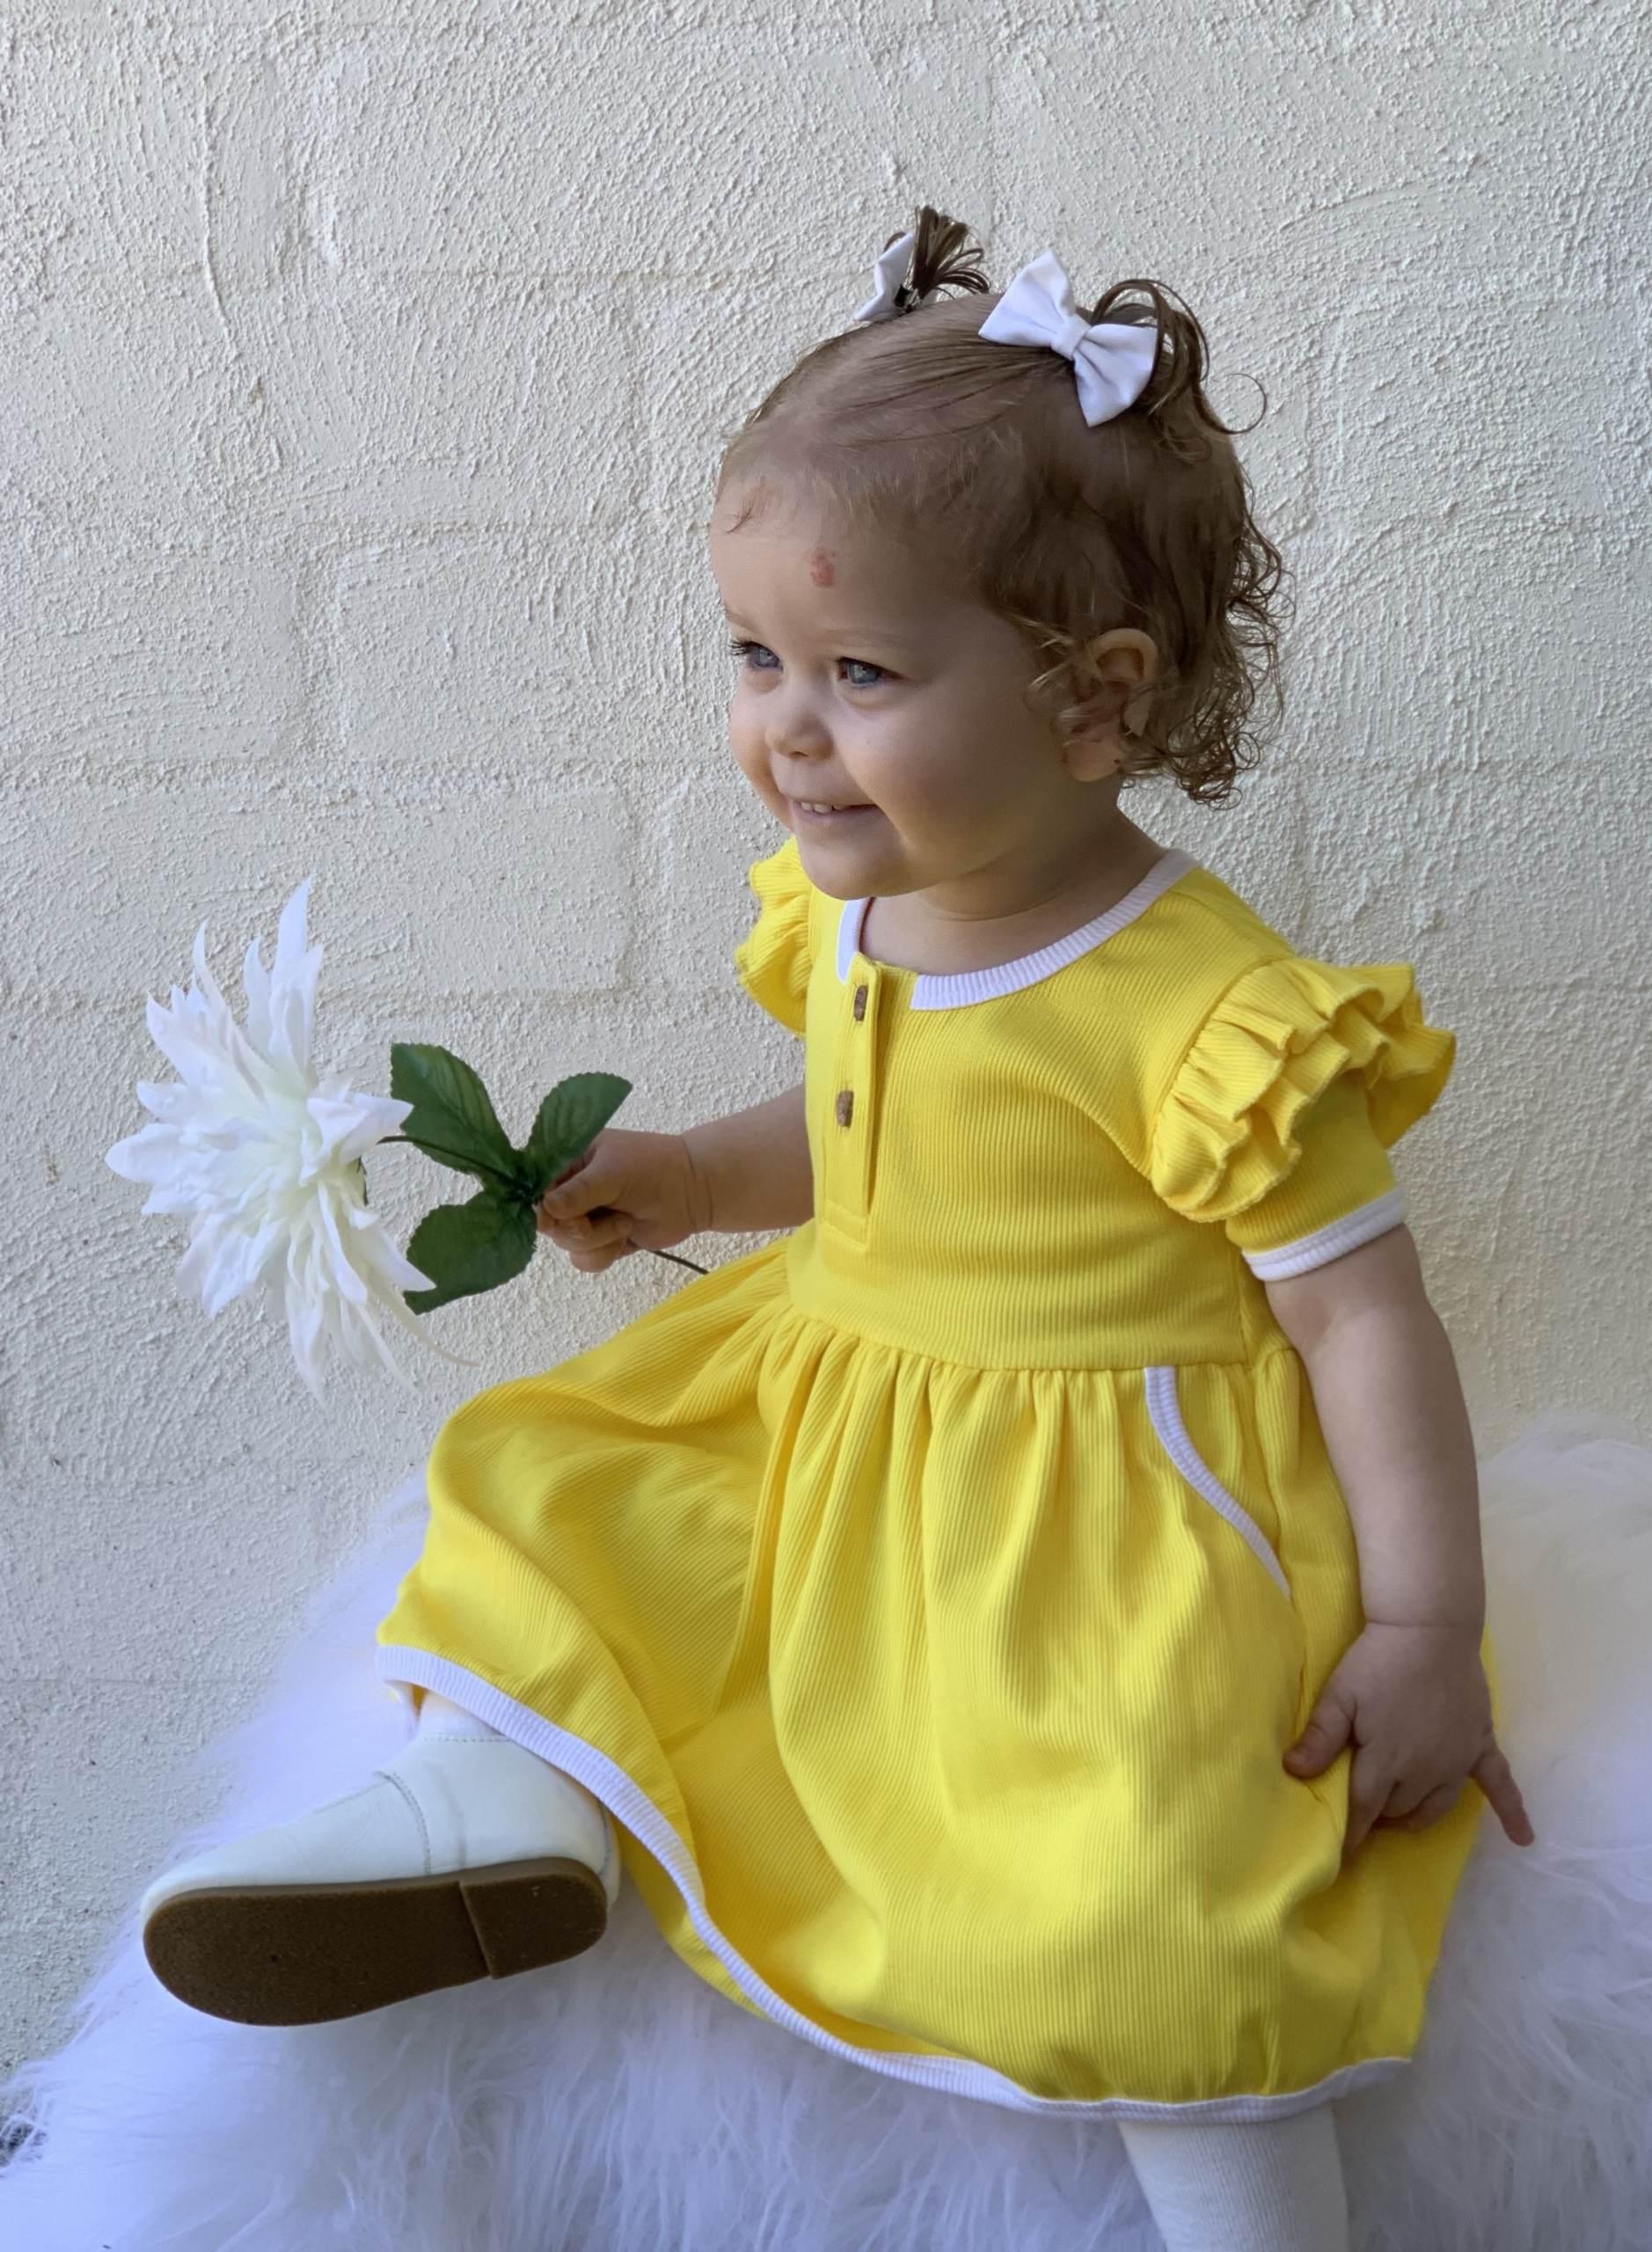 Cute girl in yellow dress